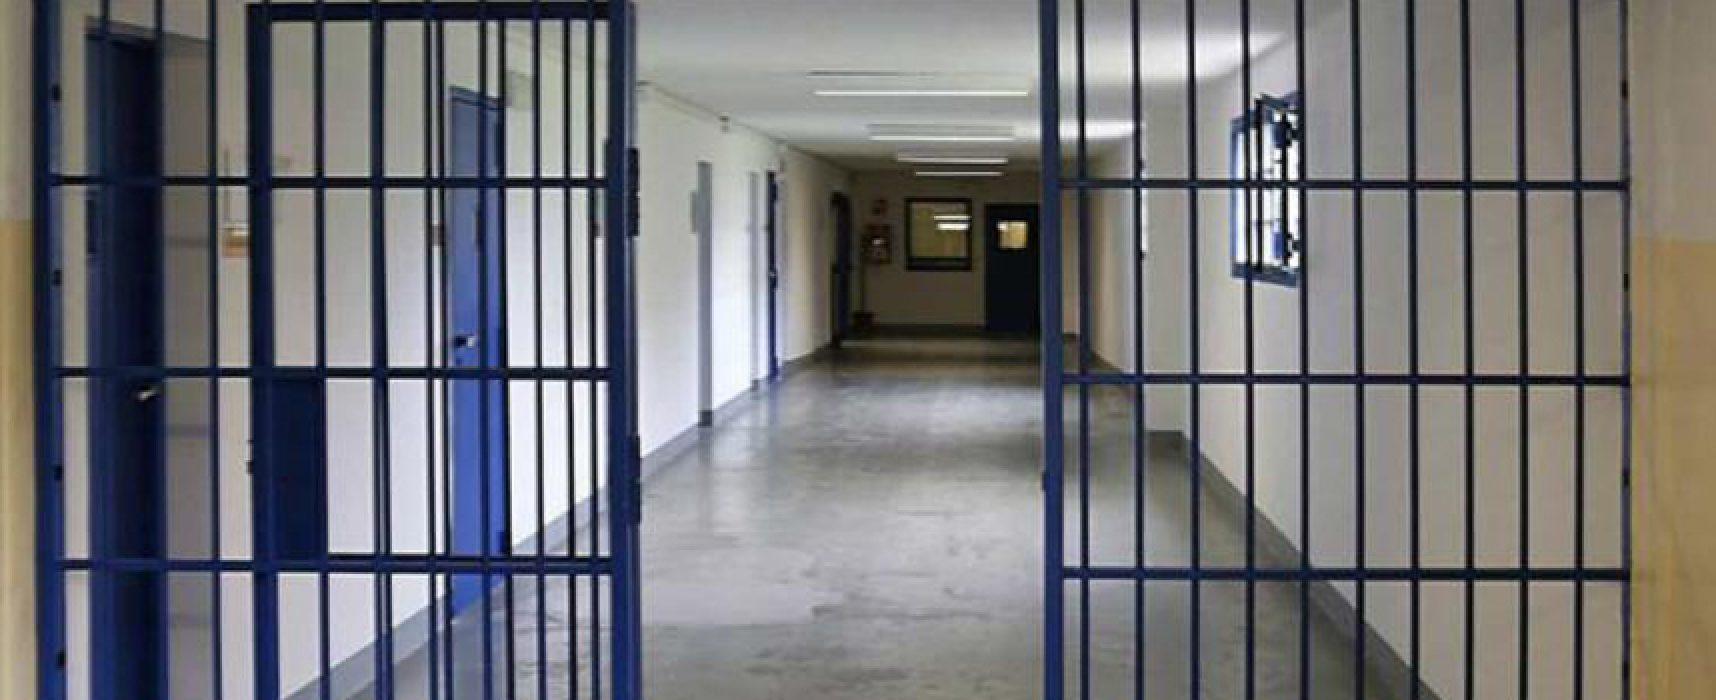 Dal Bello, il Bene! L'esperienza di volontariato di ragazze biscegliesi nel carcere femminile di Trani